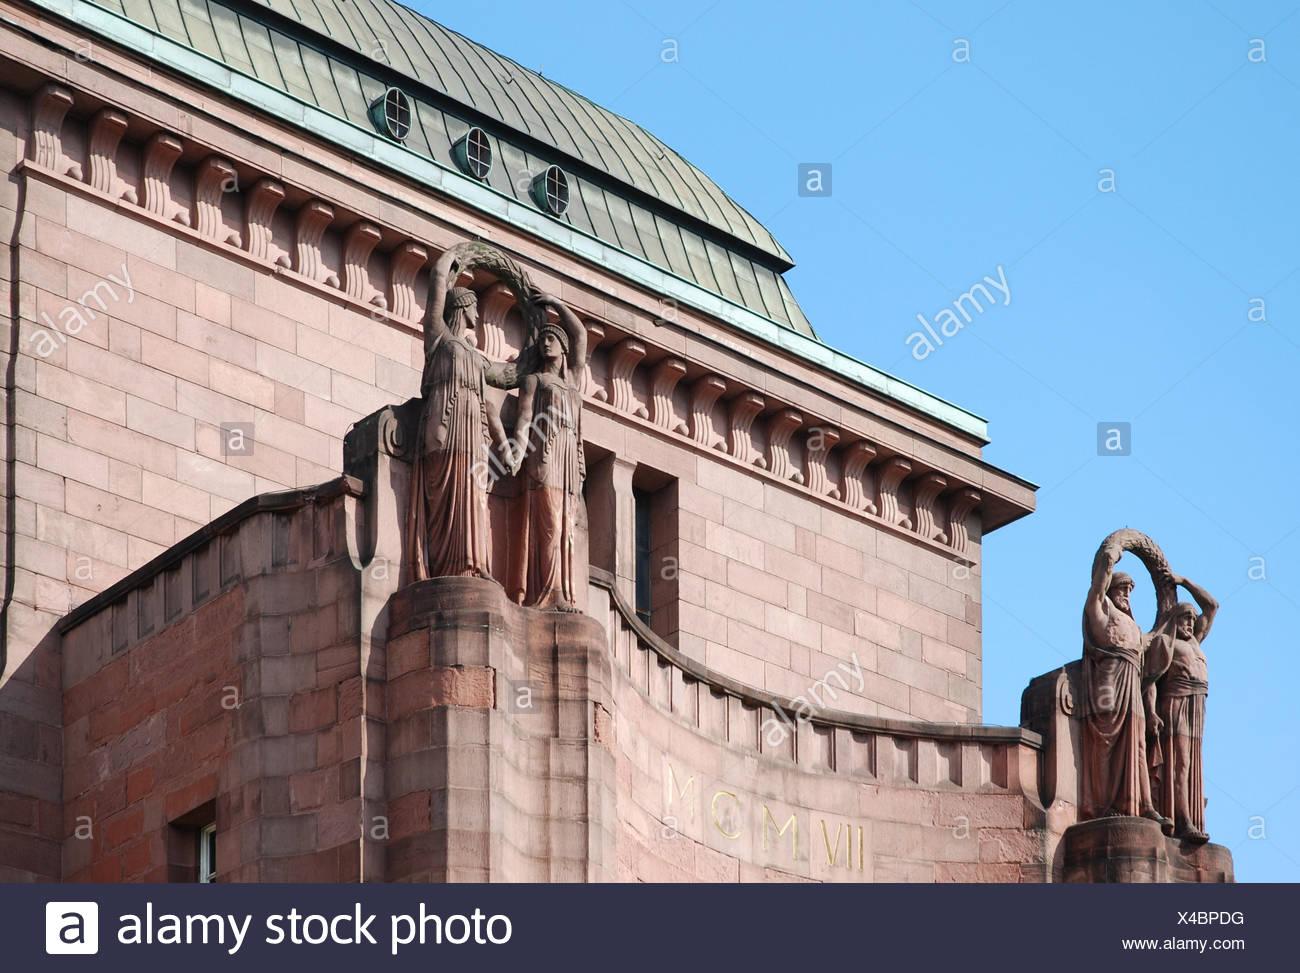 Ingresso facciata di pietra arenaria luogo salire climbing ascend in salita arrampicarsi del battistrada Immagini Stock